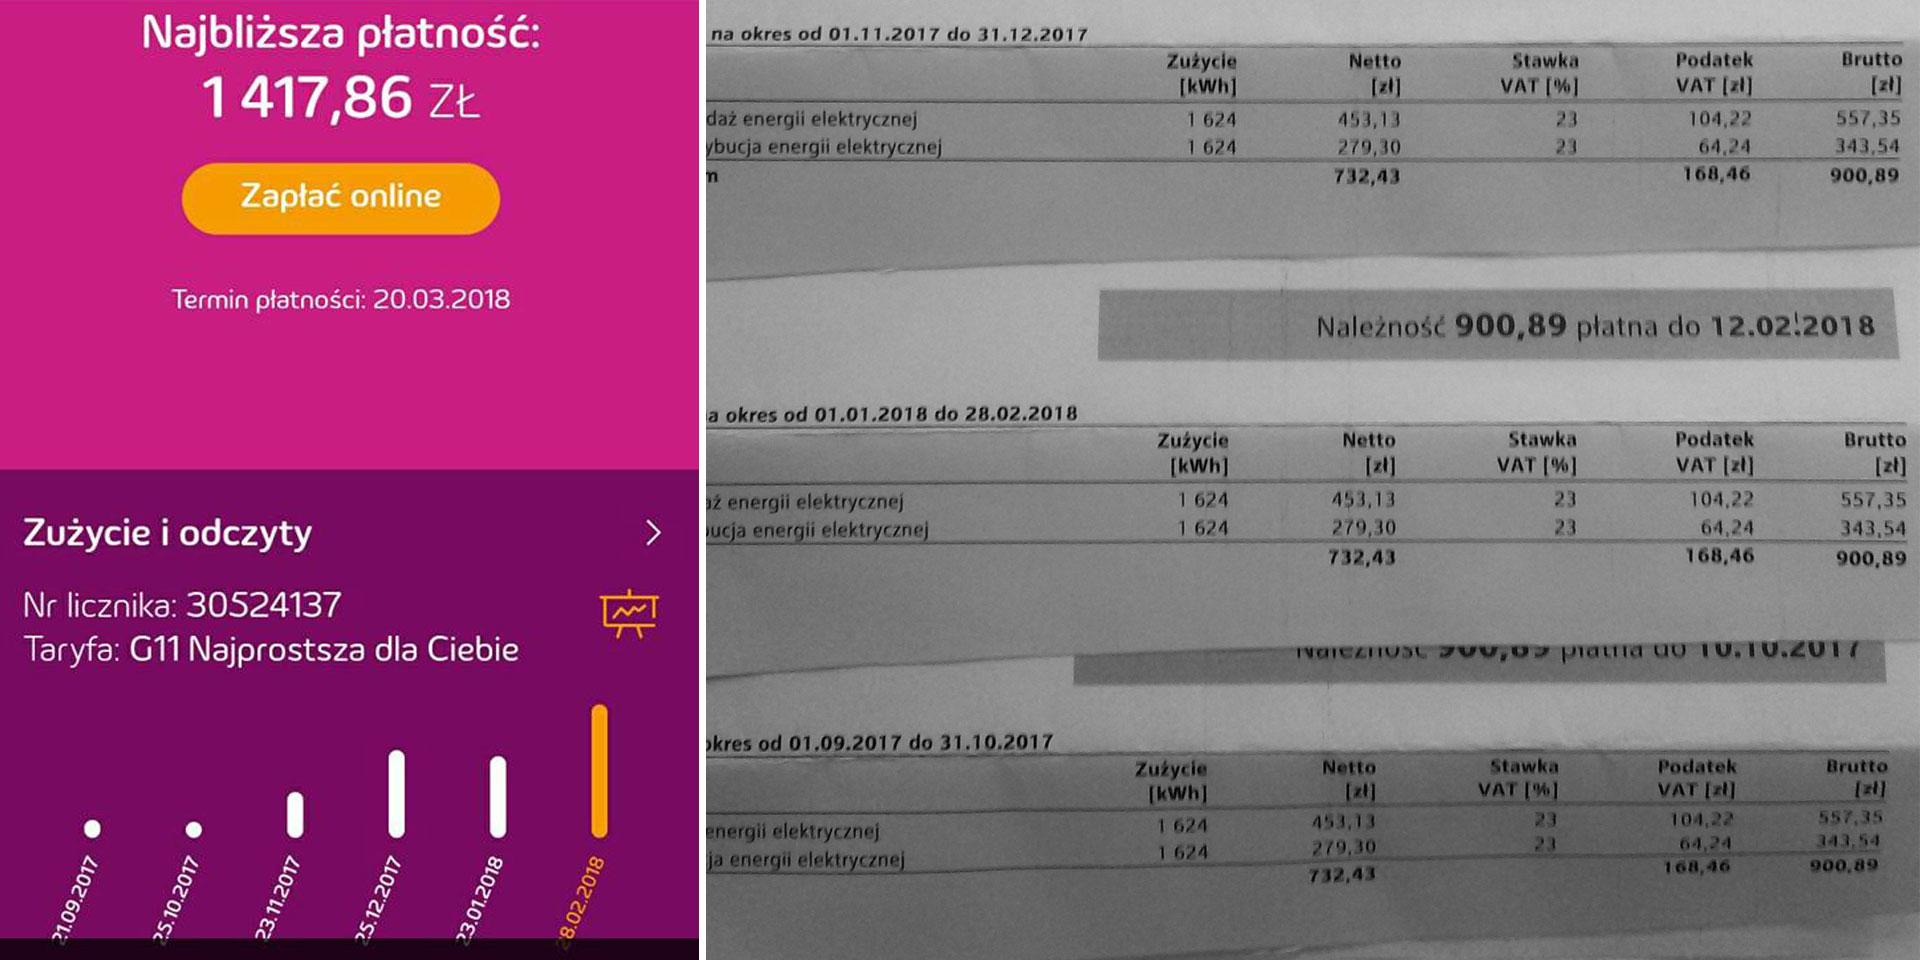 Przykładowe rachunki za prąd. Źródło: WSL